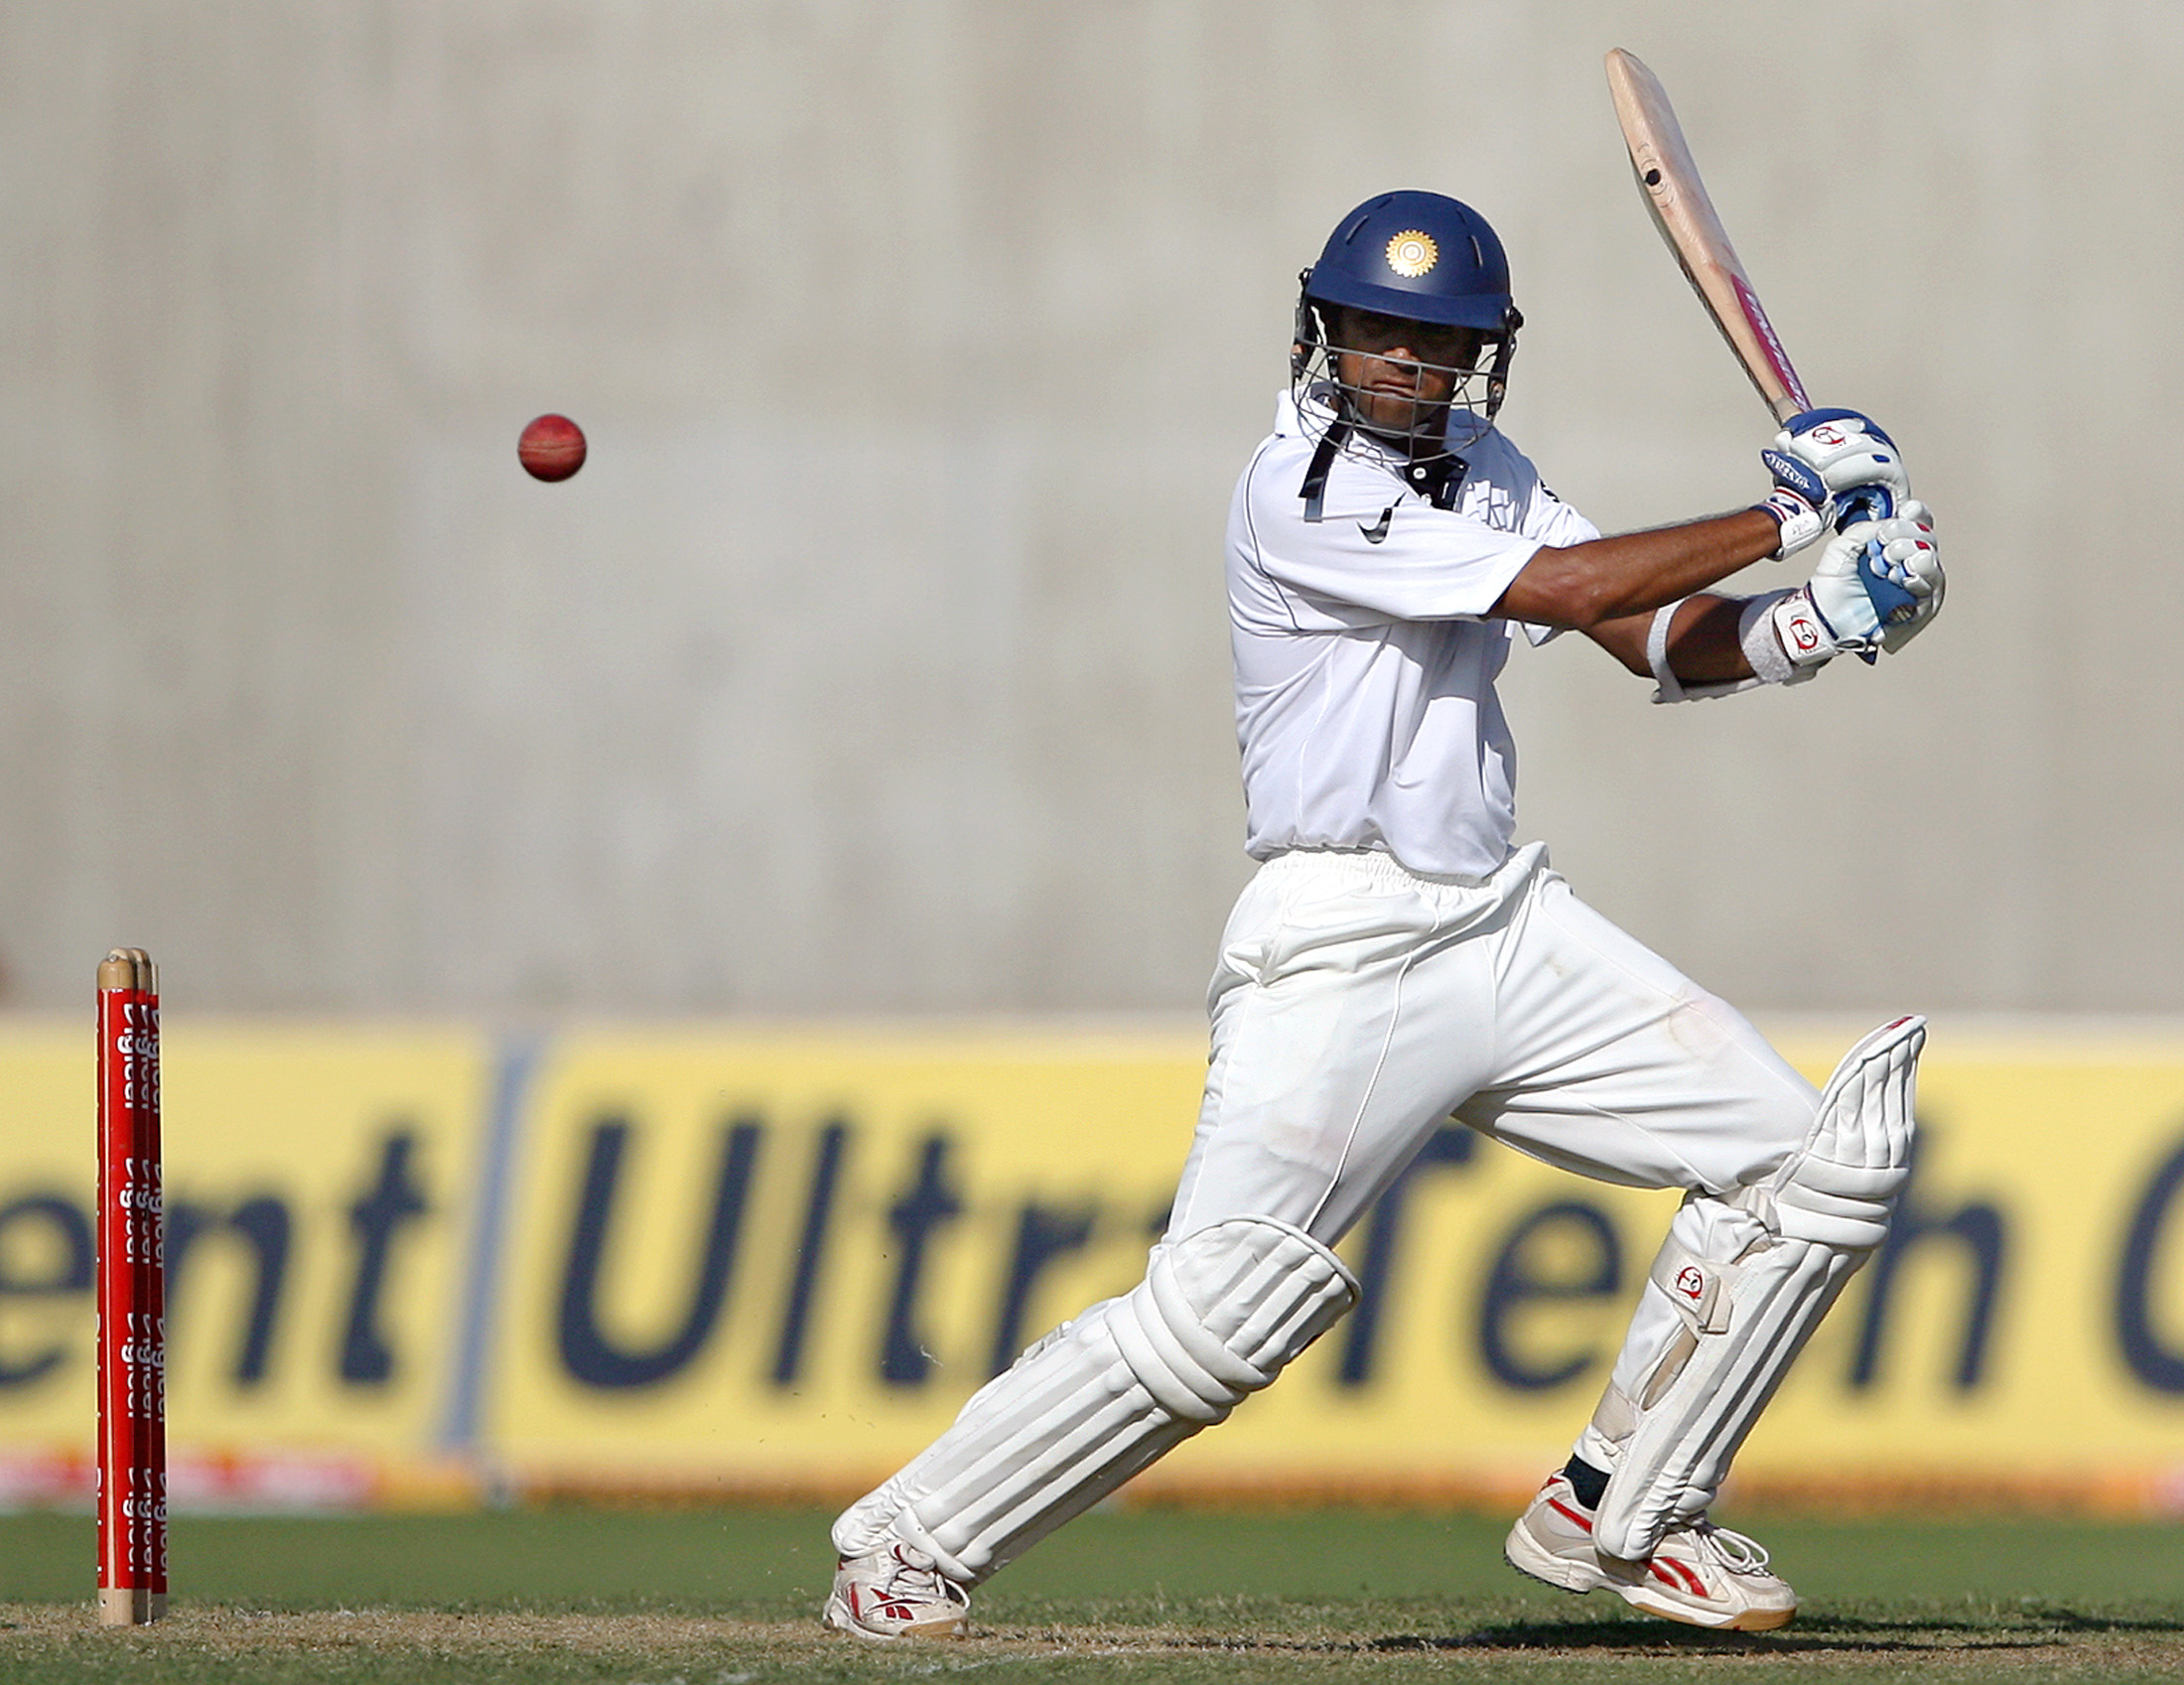 राहुल द्रविड़ खुद को मानते है असफल खिलाड़ी, बताया भारत को इतने मैच जीताने के बाद भी क्यों मानते है खुद को असफल 31